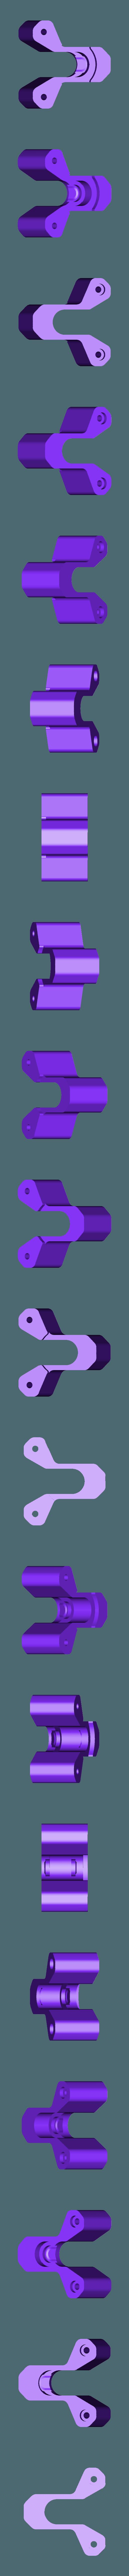 Gearhead_v2-0_97.STL Télécharger fichier STL gratuit Montage de l'extrudeuse (Printrbot Gear Head) • Plan à imprimer en 3D, WalterHsiao